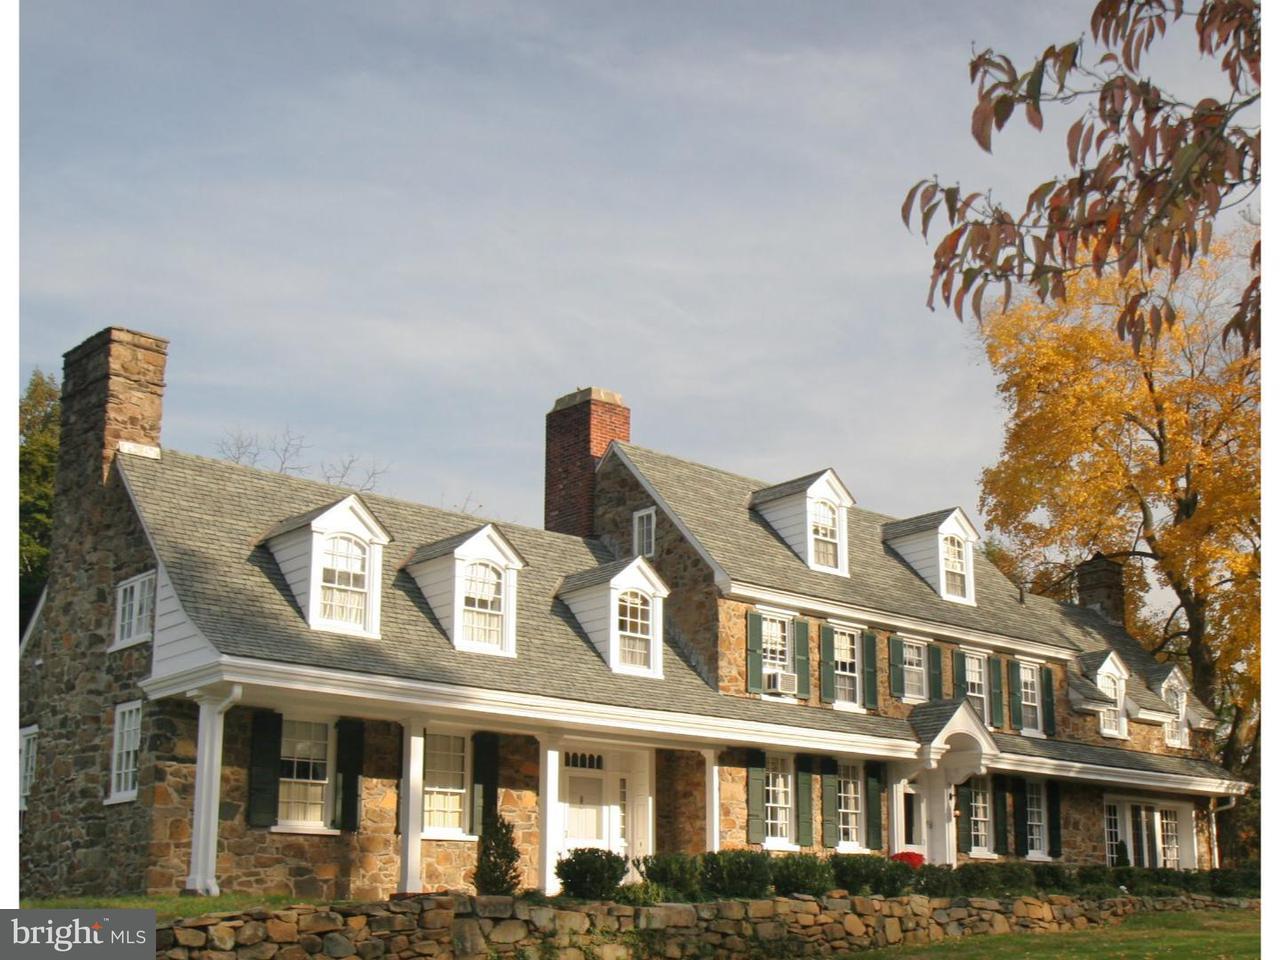 独户住宅 为 销售 在 207 GOAT HILL Road 兰伯特维尔, 新泽西州 08530 美国在/周边: West Amwell Township